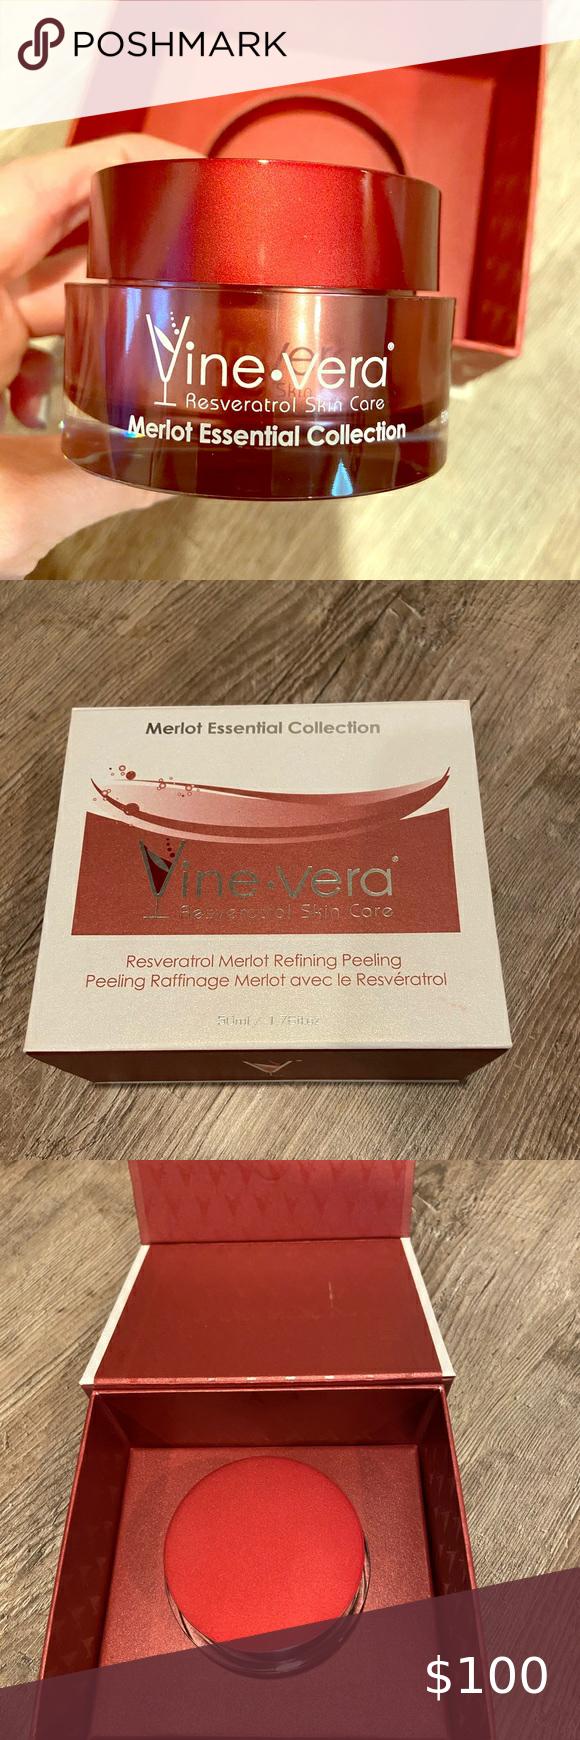 Vine Vera Skin Care In 2020 Skin Care Women Skin Care Resveratrol